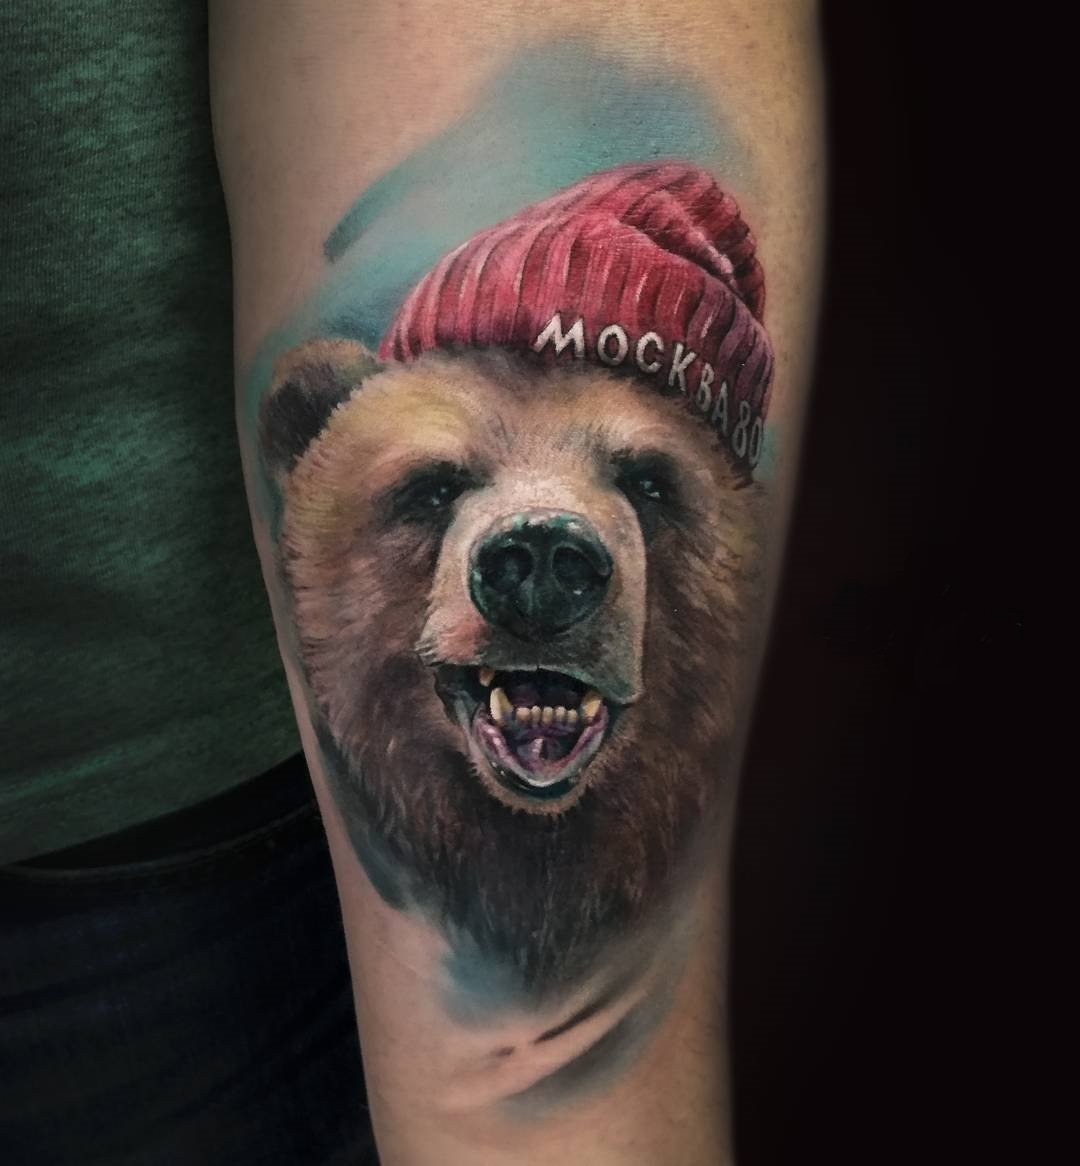 Талостанович время тату медведь в шапке Удмуртия Недвижимость Частные